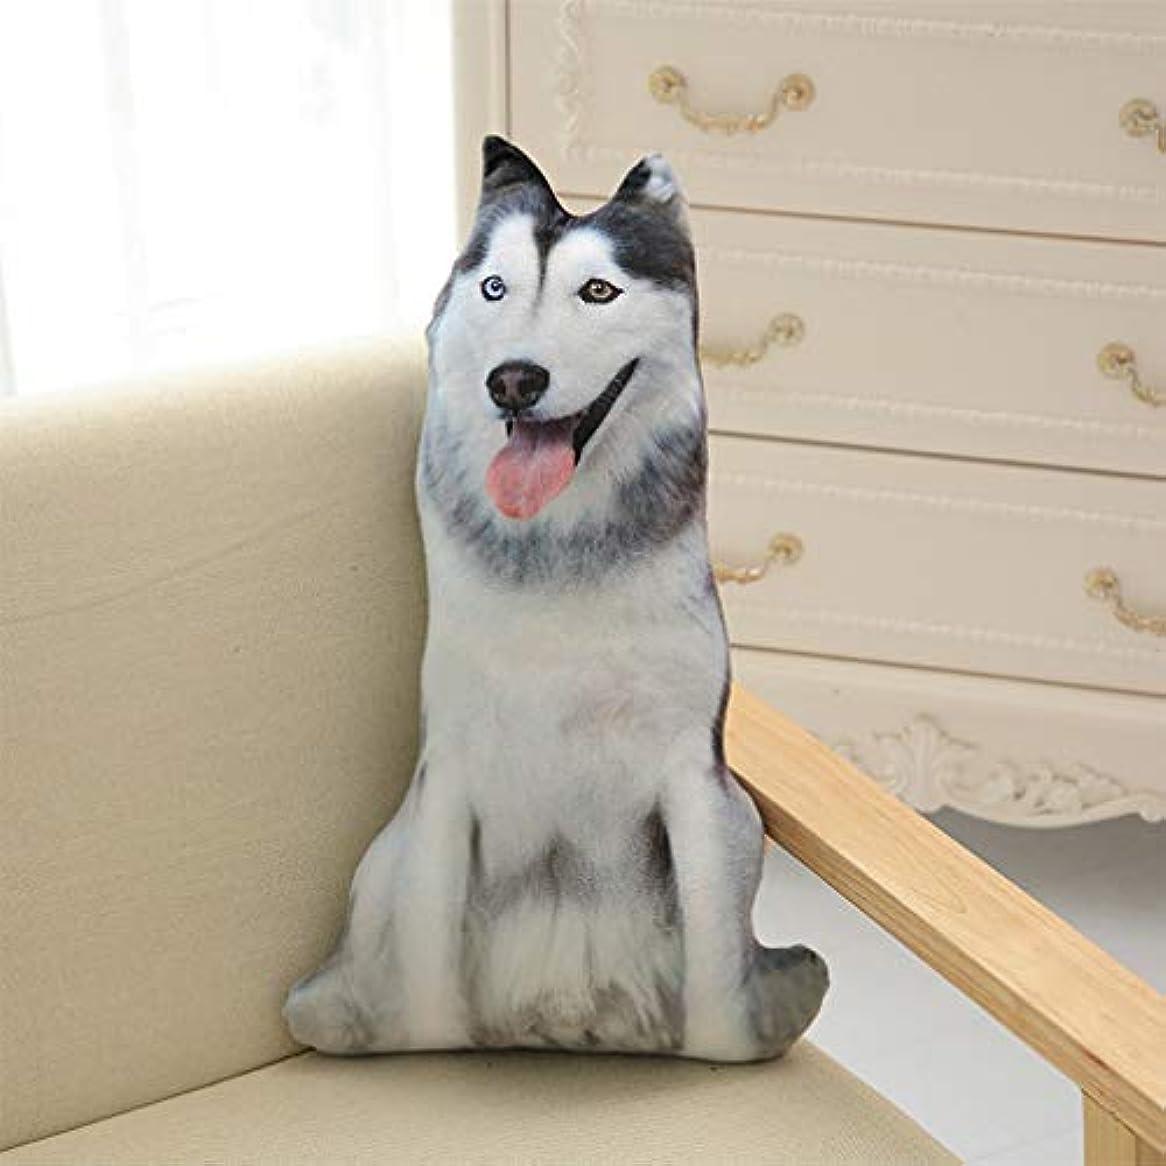 改修する明確に宗教的な3Dアニマル枕、シミュレーションの動物の子供のための枕犬のクッションオフィスシエスタリムーバブルと洗えるゴールデンレトリバーアニマル枕ベストギフトを投げます